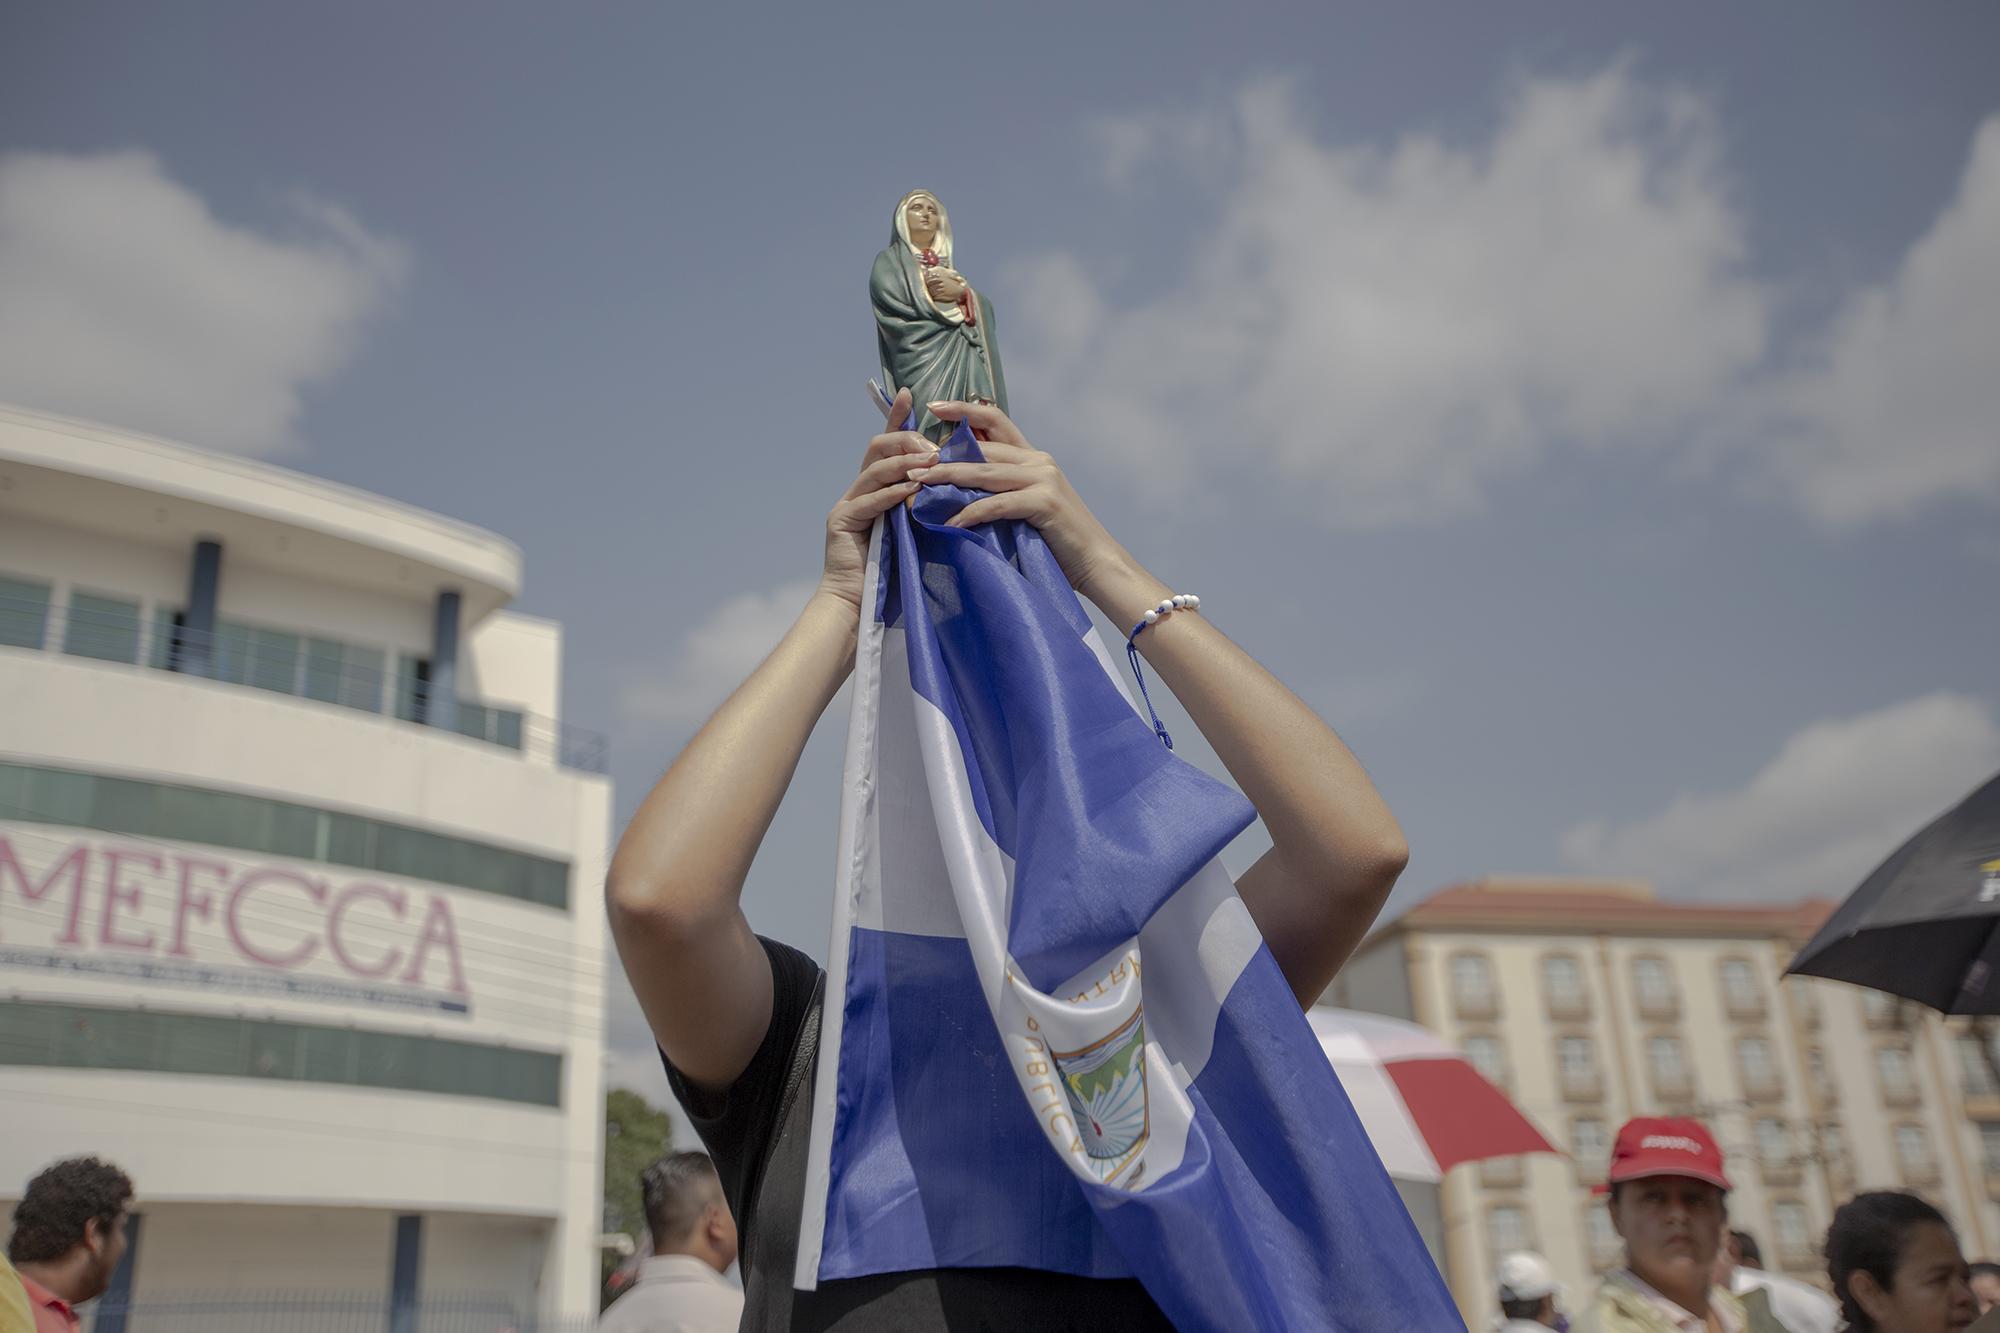 Una mujer nicaragüense carga una imagen de la Virgen Dolorosa con una bandera de Nicaragua durante la procesión del viernes santo en las cercanías de la catedral de Managua. La mujer, quien no brindo su nombre por miedo a sufrir represarías de parte del gobierno o de paramilitares, asegura que llevar la bandera a la procesión es un acto de protesta y de fe por el sufrimiento que ha tenido el país en el último año.